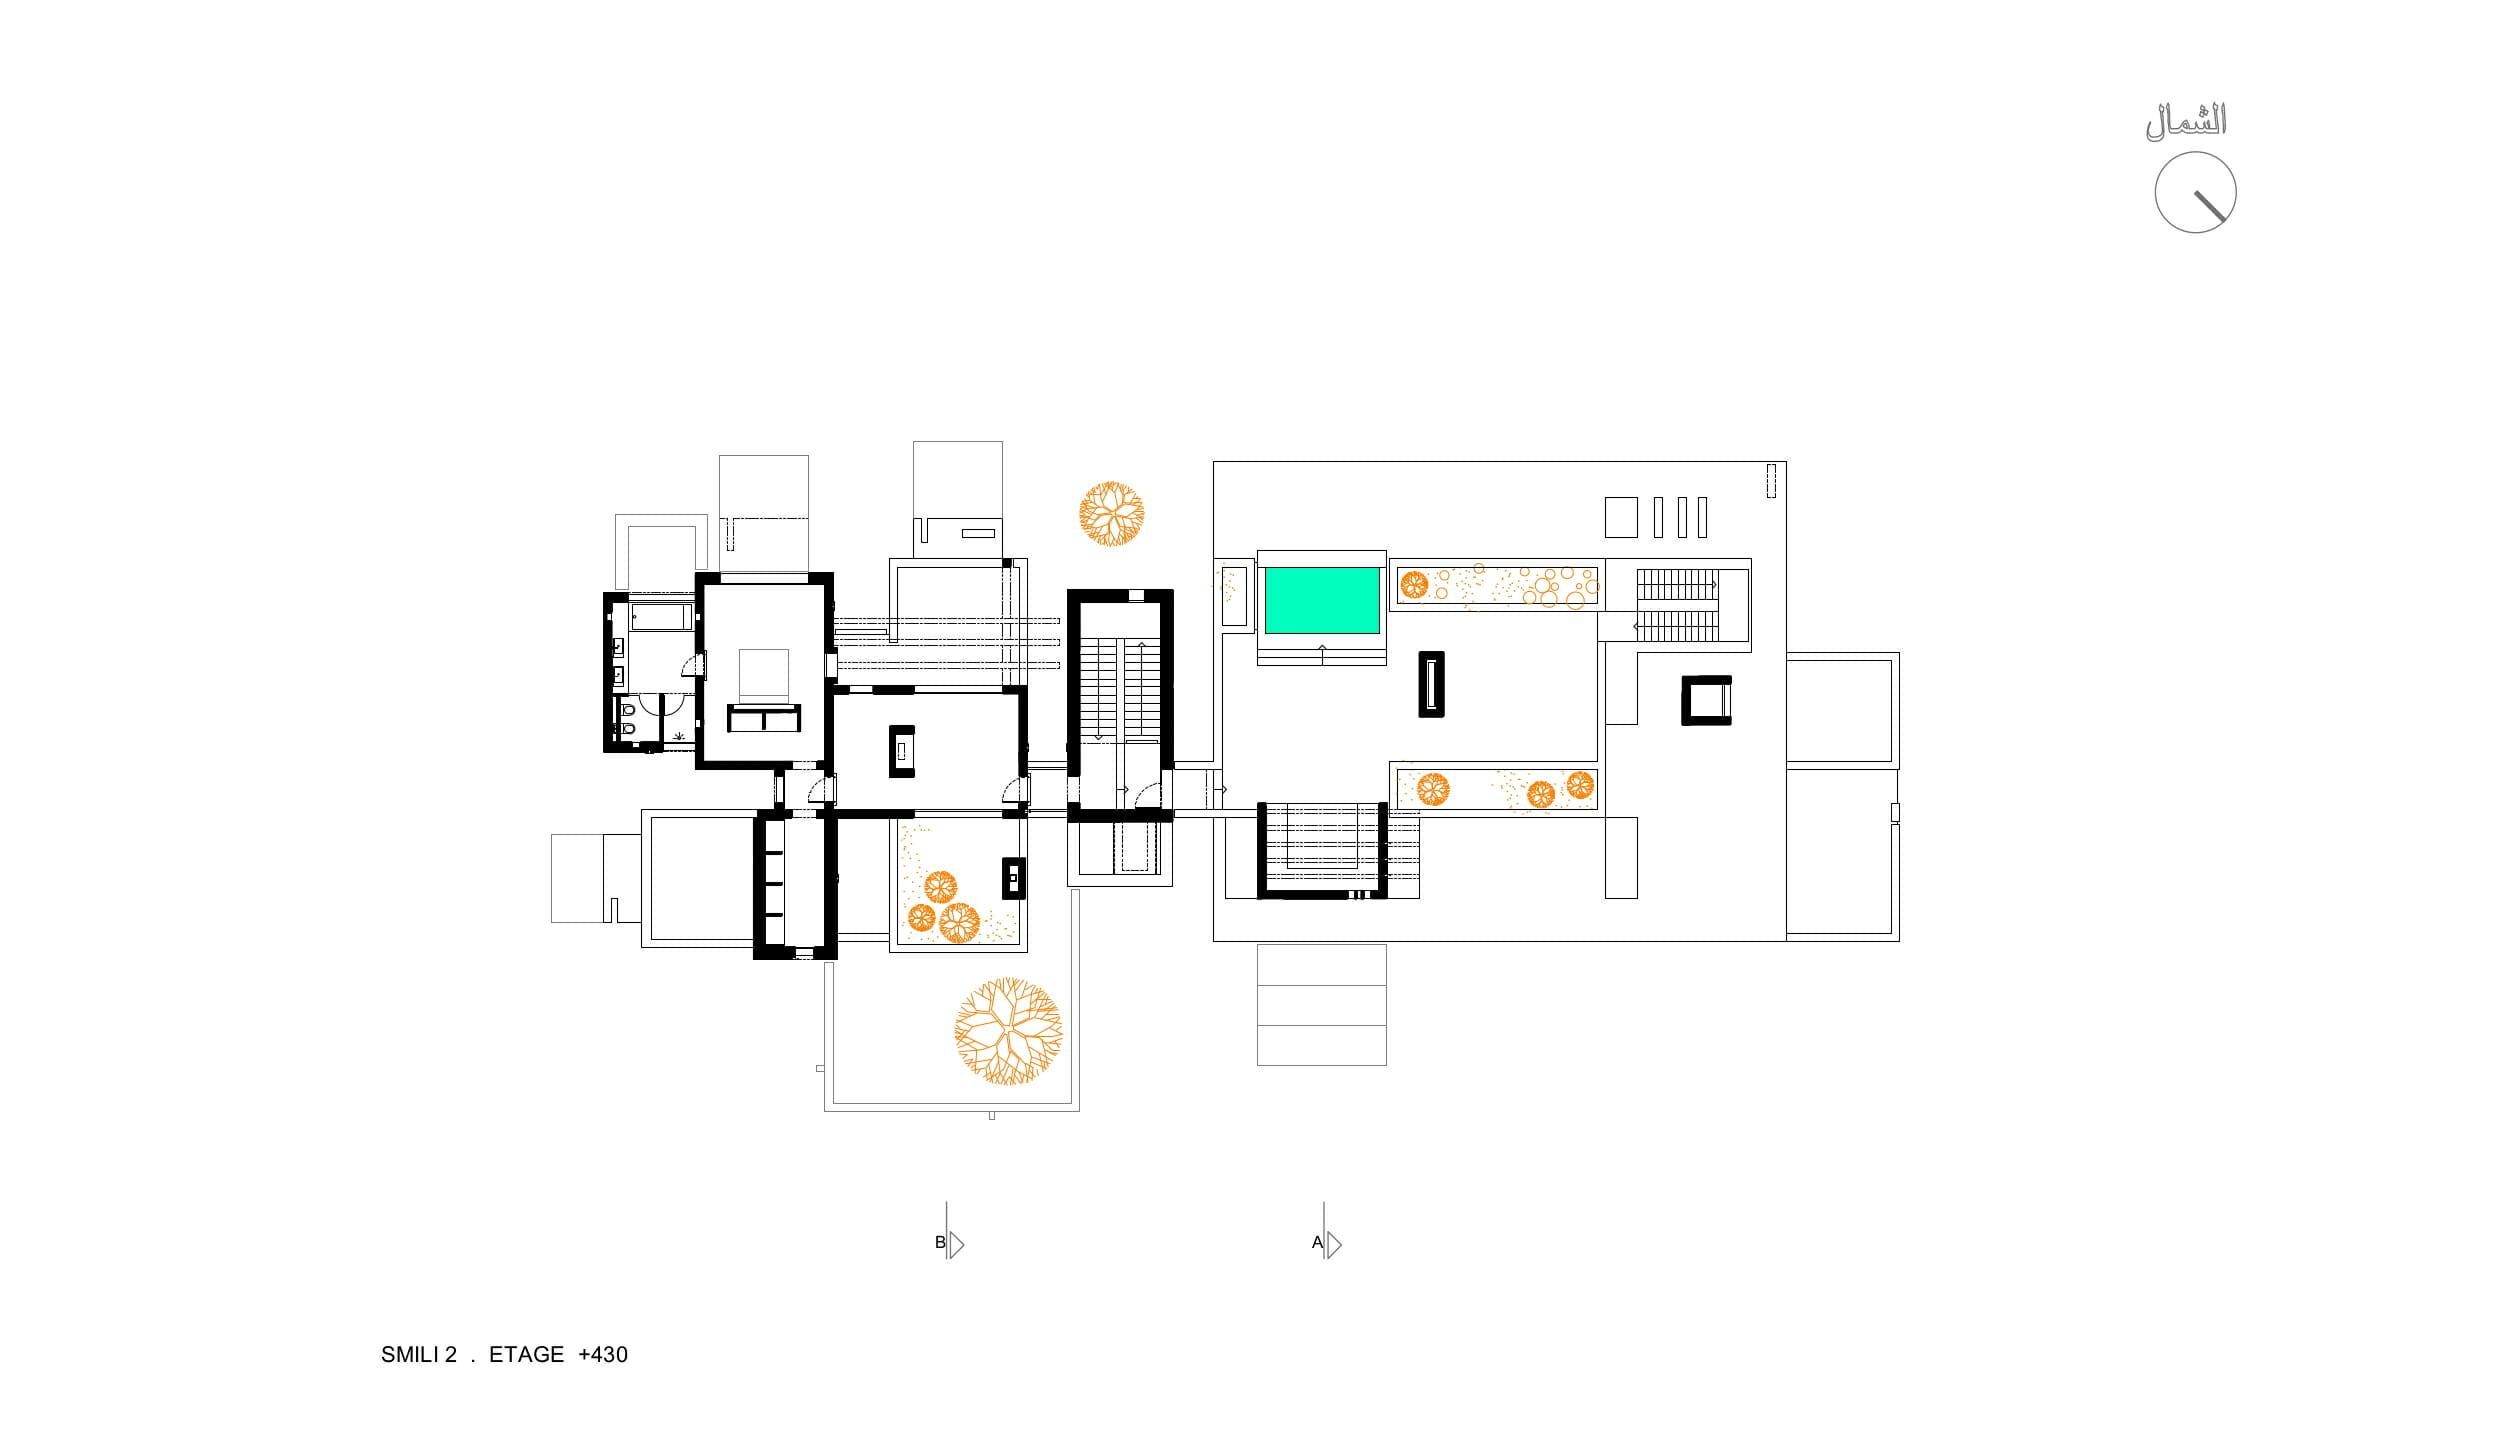 SMILI 2.plan-3-etage